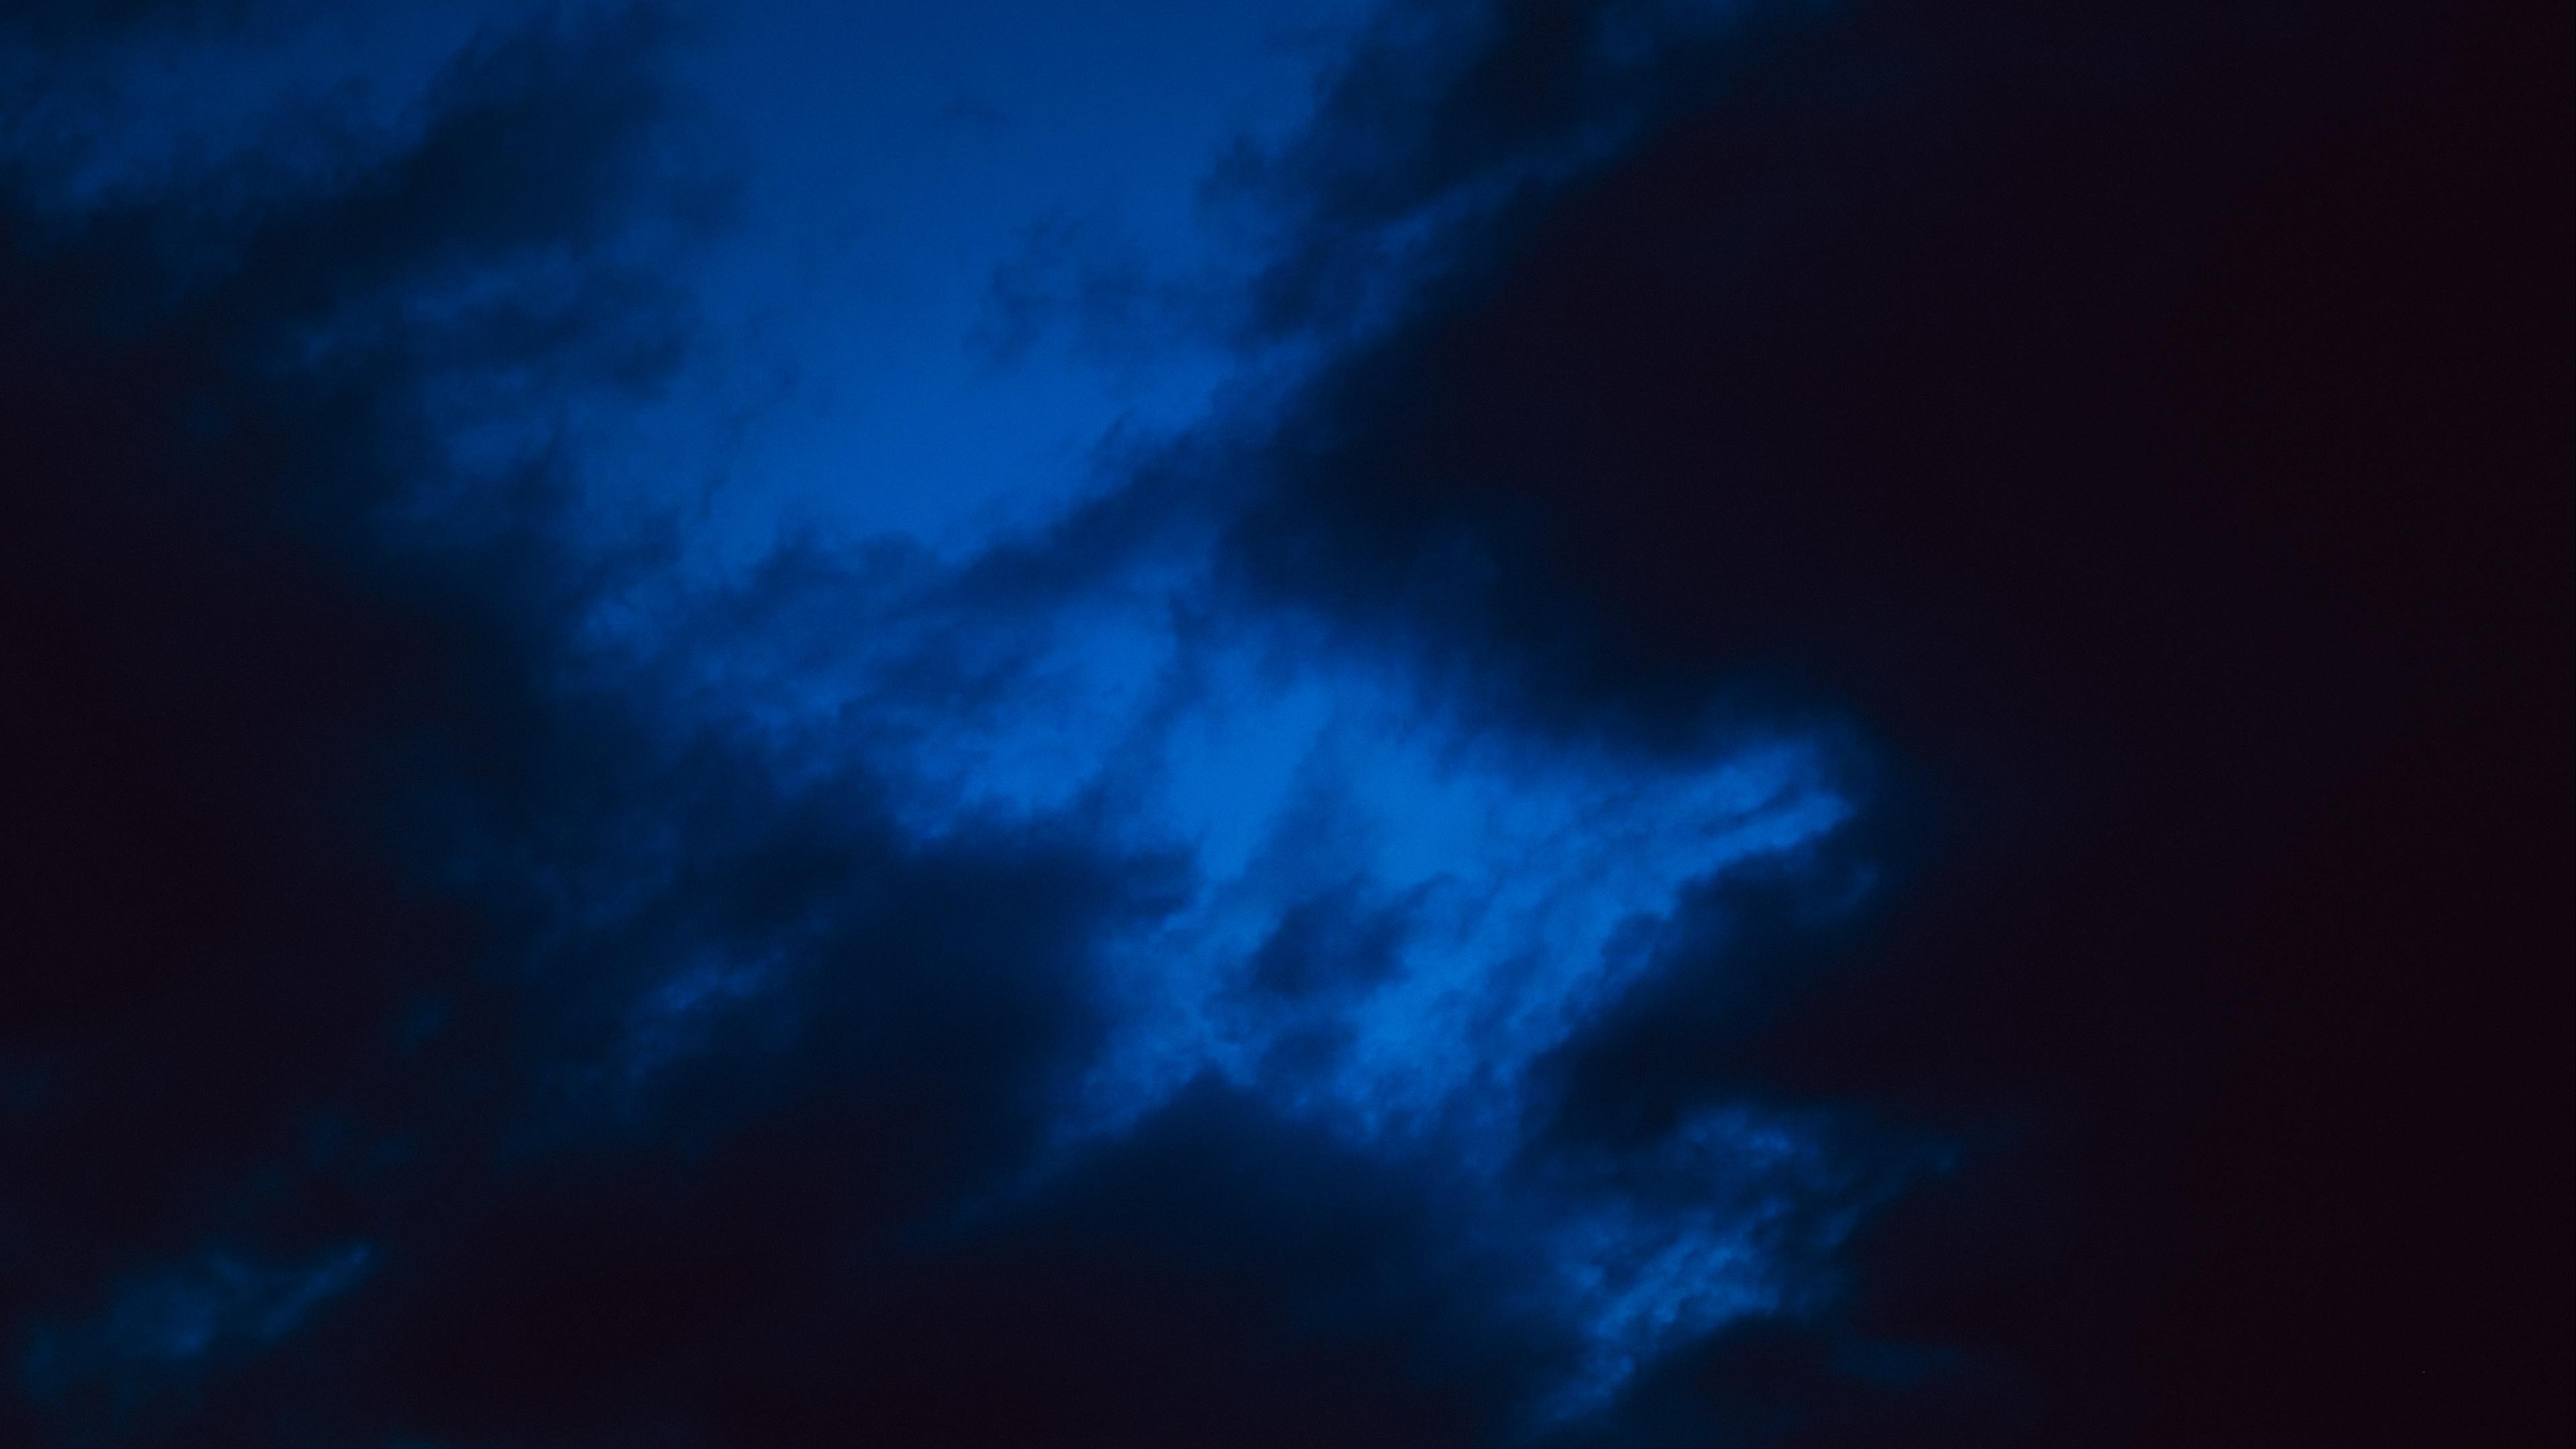 clouds sky night 4k 1540574638 - clouds, sky, night 4k - Sky, Night, Clouds